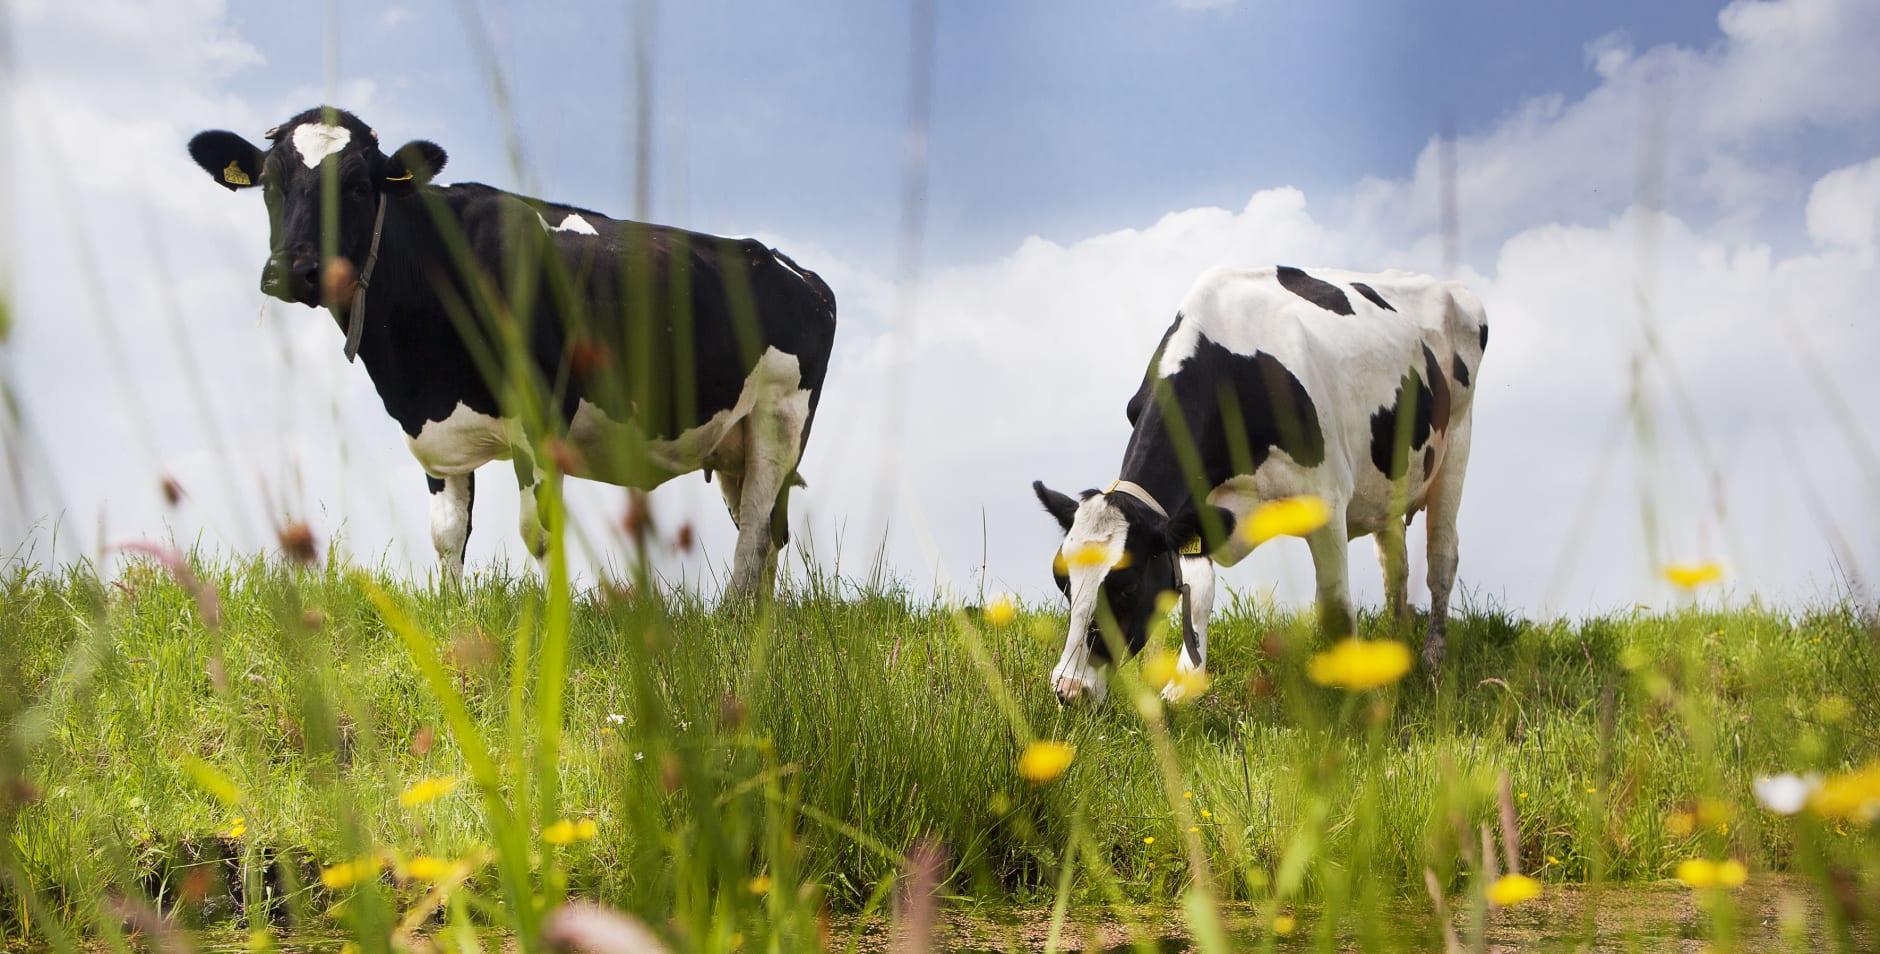 koeien in het voorjaar